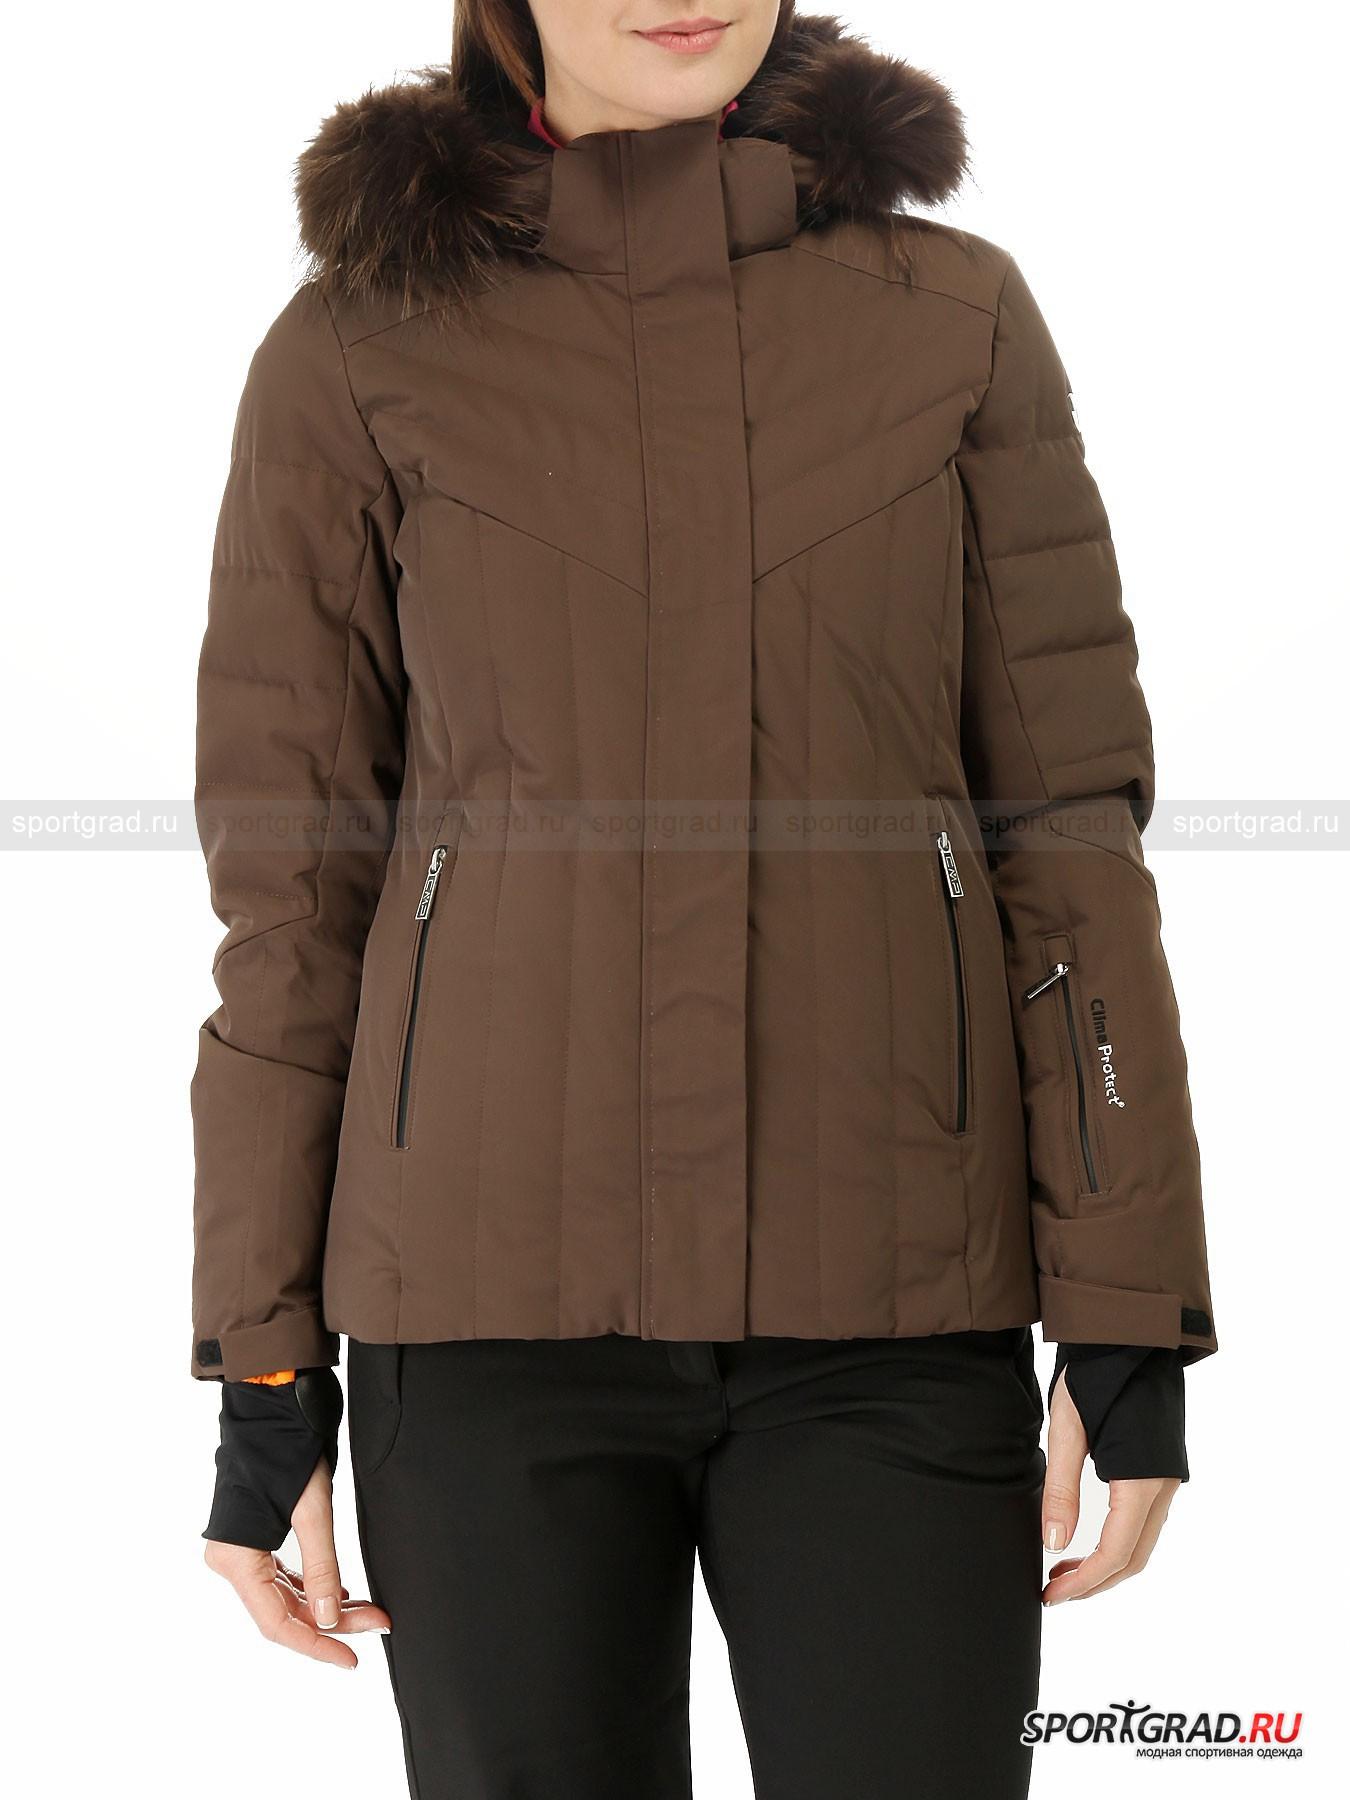 Куртка женская горнолыжная Ski Jacket CMPКуртки<br>Стильная горнолыжная куртка Ski Jacket CMP - лаконичная модель без лишних деталей для любителей минимализма. Она наполнена натуральным пухом, который прекрасно сохраняет тепло, не утяжеляя вещь, и сшита из суперэластичной ткани, позволяющей двигаться так свободно, как вам будет угодно. Между тканями есть специальный термослой, защищающий от порывов ветра и осадков. Кроме того, эта технология обеспечивает высокую паропроницаемость и своевременный отвод влаги от тела.<br><br><br>Особенности модели:<br>- влагозащита 8000 мм водяного столба;<br>- воздухопроницаемость 5000 г/кв.м/24ч;<br>- большой съемный капюшон, дополненный отделкой из натурального меха енота, которую также можно отстегнуть при желании;<br>- фронтальная молния по всей длине, прикрытая планкой на липучках;<br>- внутри один сетчатый накладной карман и один на молнии, а также отверстие для наушников;<br>- «юбка» для защиты от снега;<br>- утяжка по низу куртки;<br>- внутренние эластичные манжеты с прорезями для больших пальцев;<br>- два внешних кармана на молнии;<br>- карман на левом рукаве;<br>- объем манжет регулируется липучками;<br>- высокий воротник с флисовой подкладкой изнутри;<br>- фирменная нашивка на плече.<br><br>Пол: Женский<br>Возраст: Взрослый<br>Тип: Куртки<br>Рекомендации по уходу: стирка при температуре до 30 С; нельзя отбеливать, гладить; щадящая химическая чистка; можно сушить в стиральной машине при низкой температуре<br>Состав: Материал верха 85% полиамид, 15% эластан; подкладка 100% полиэстер; наполнитель 90% пух, 10% перо